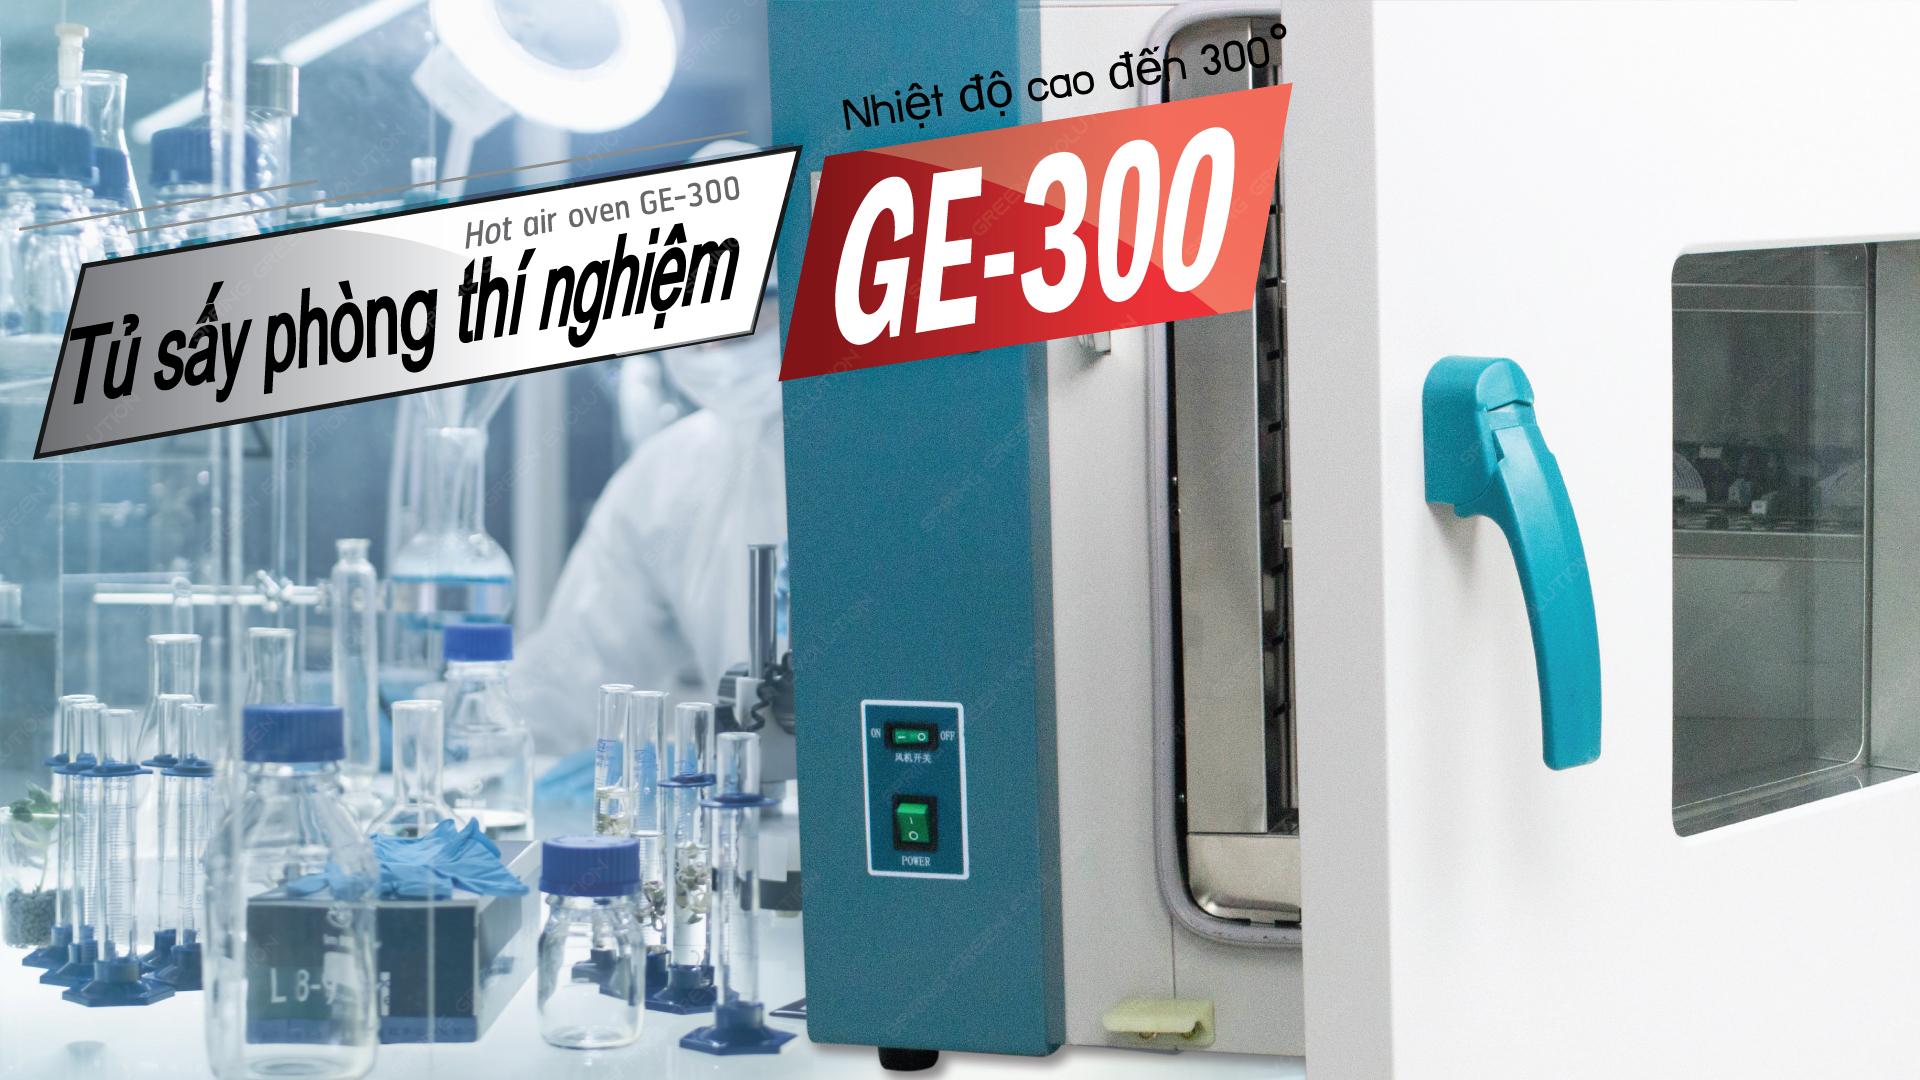 Tủ sấy không khí nóng-GE-300-2